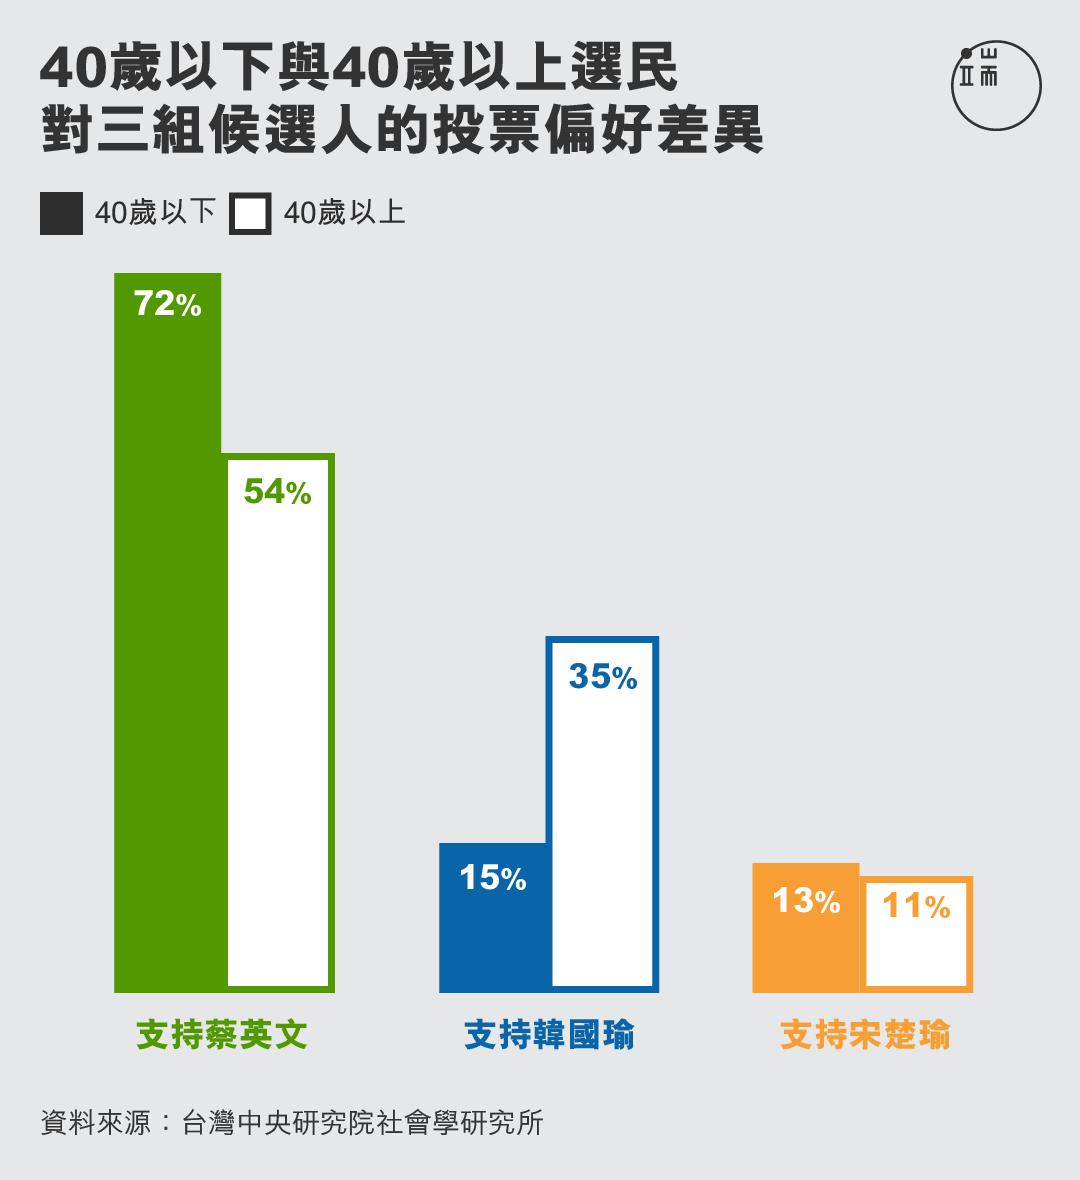 40歲以下與40歲以上選民對三組候選人的投票偏好差異。